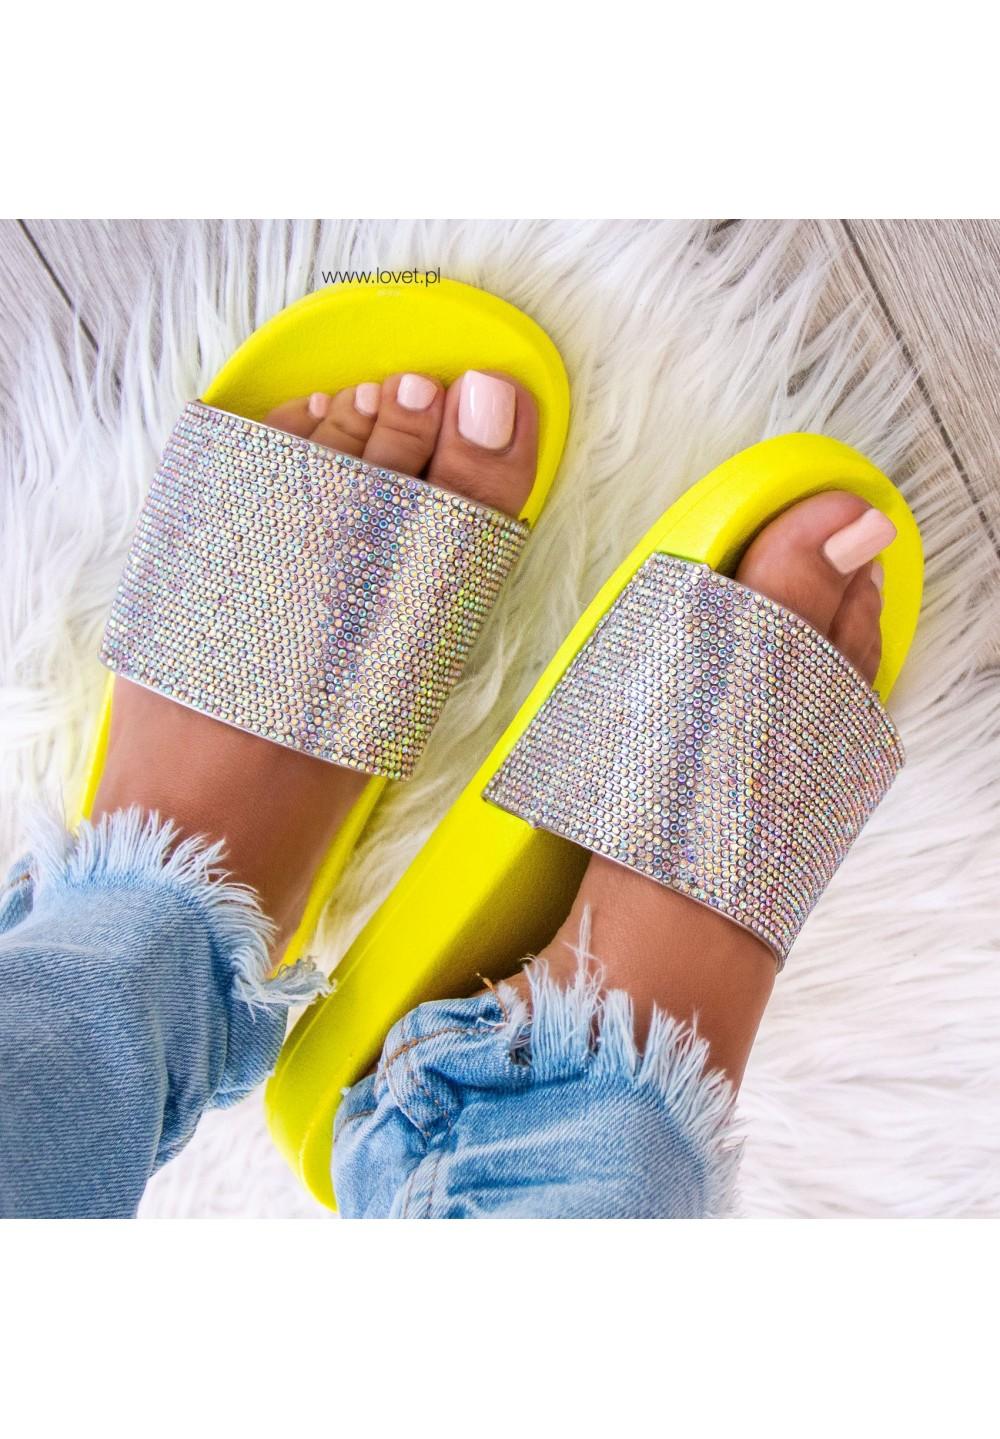 Klapki Opalizujące Neonowy Żółty Cristal Colour